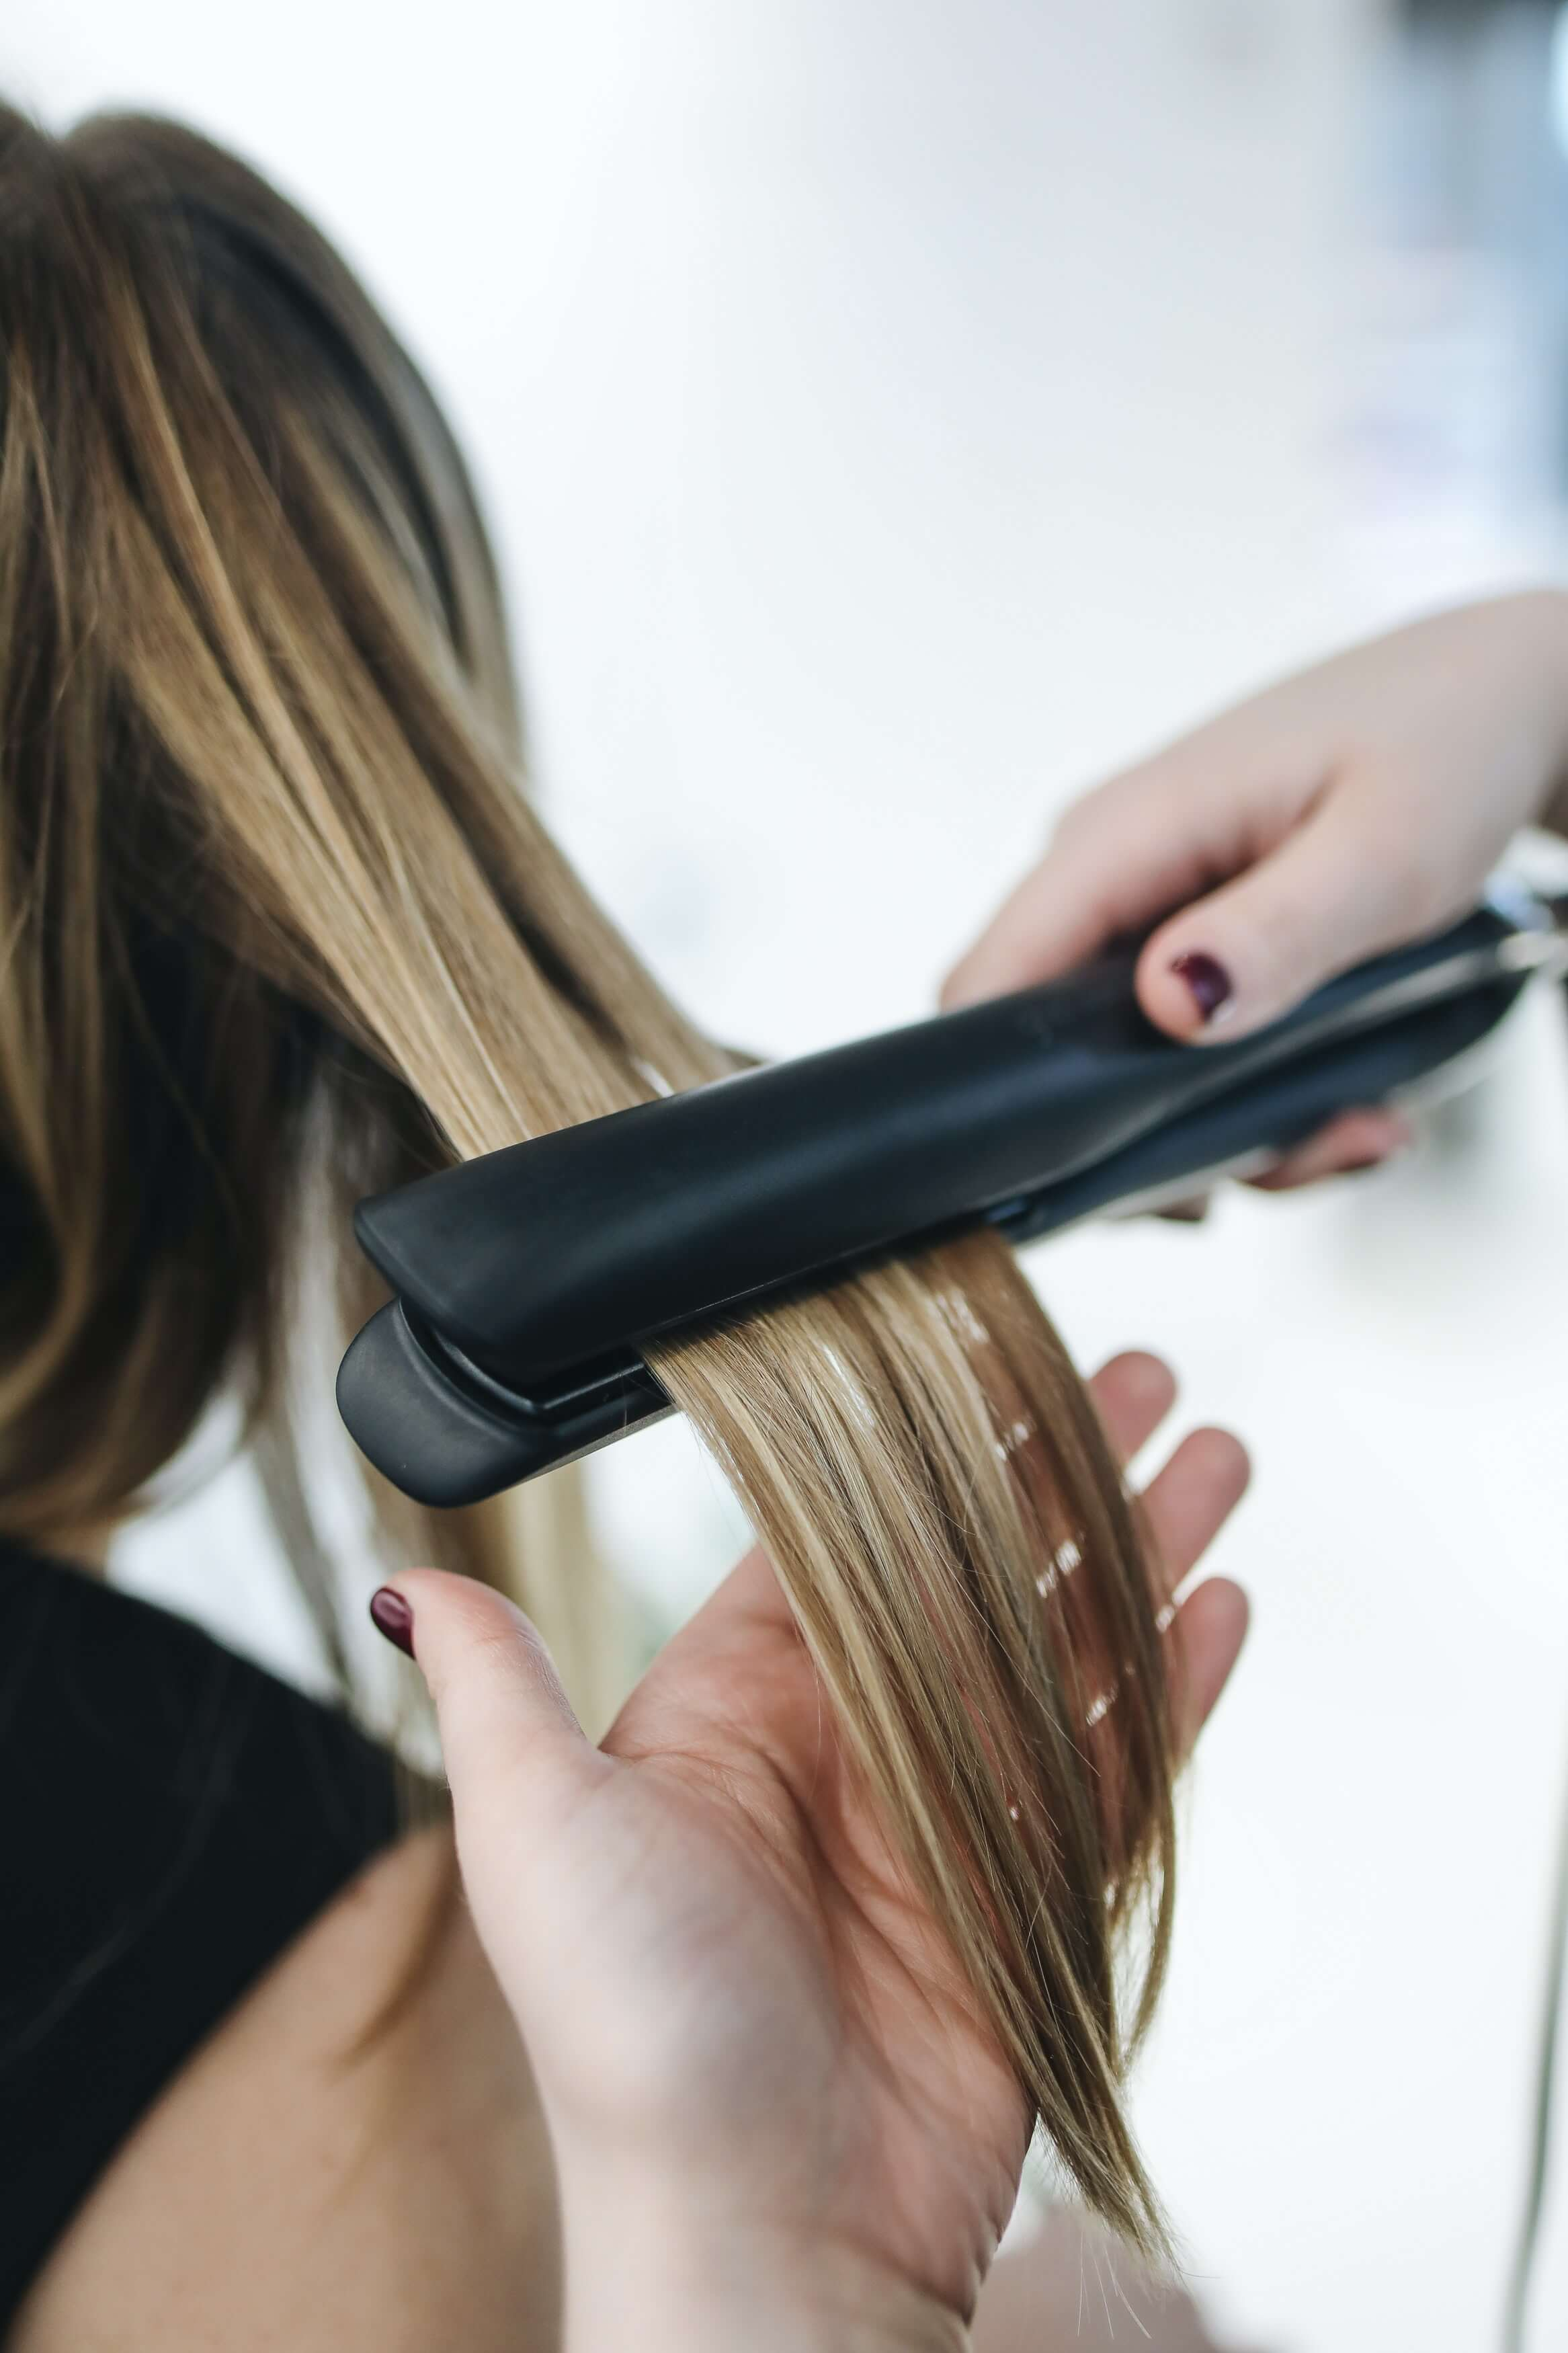 le vite straightening hair brush